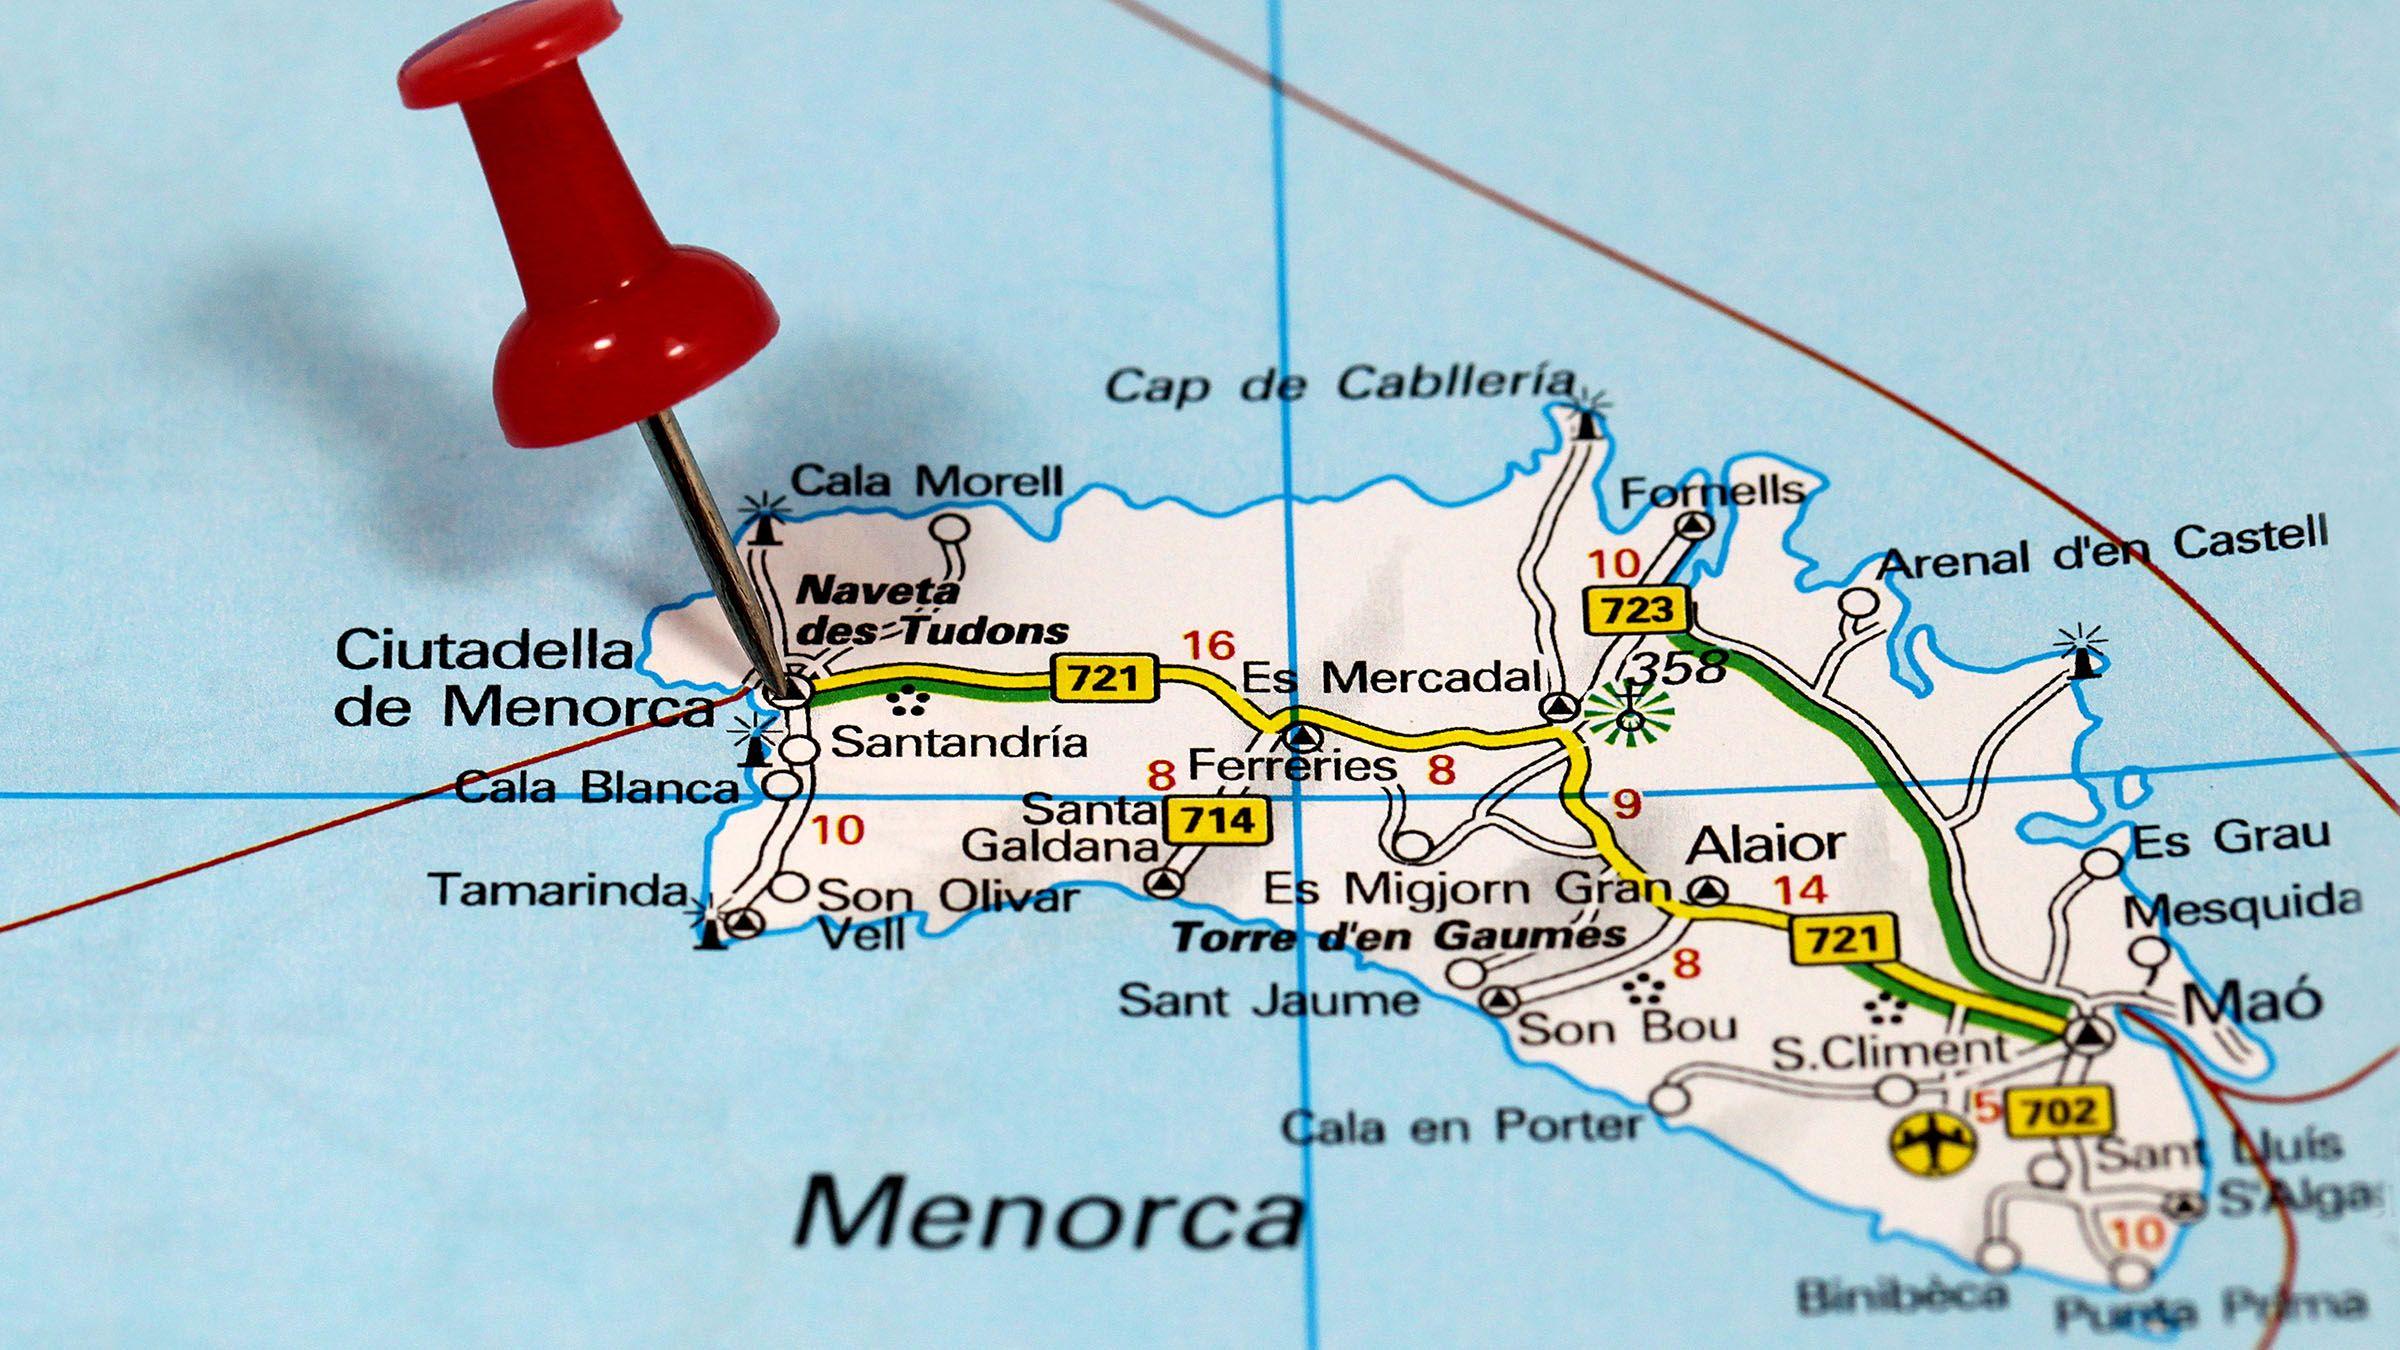 Carreteras que atraviesan menorca en las islas baleares - El mundo edicion baleares ...